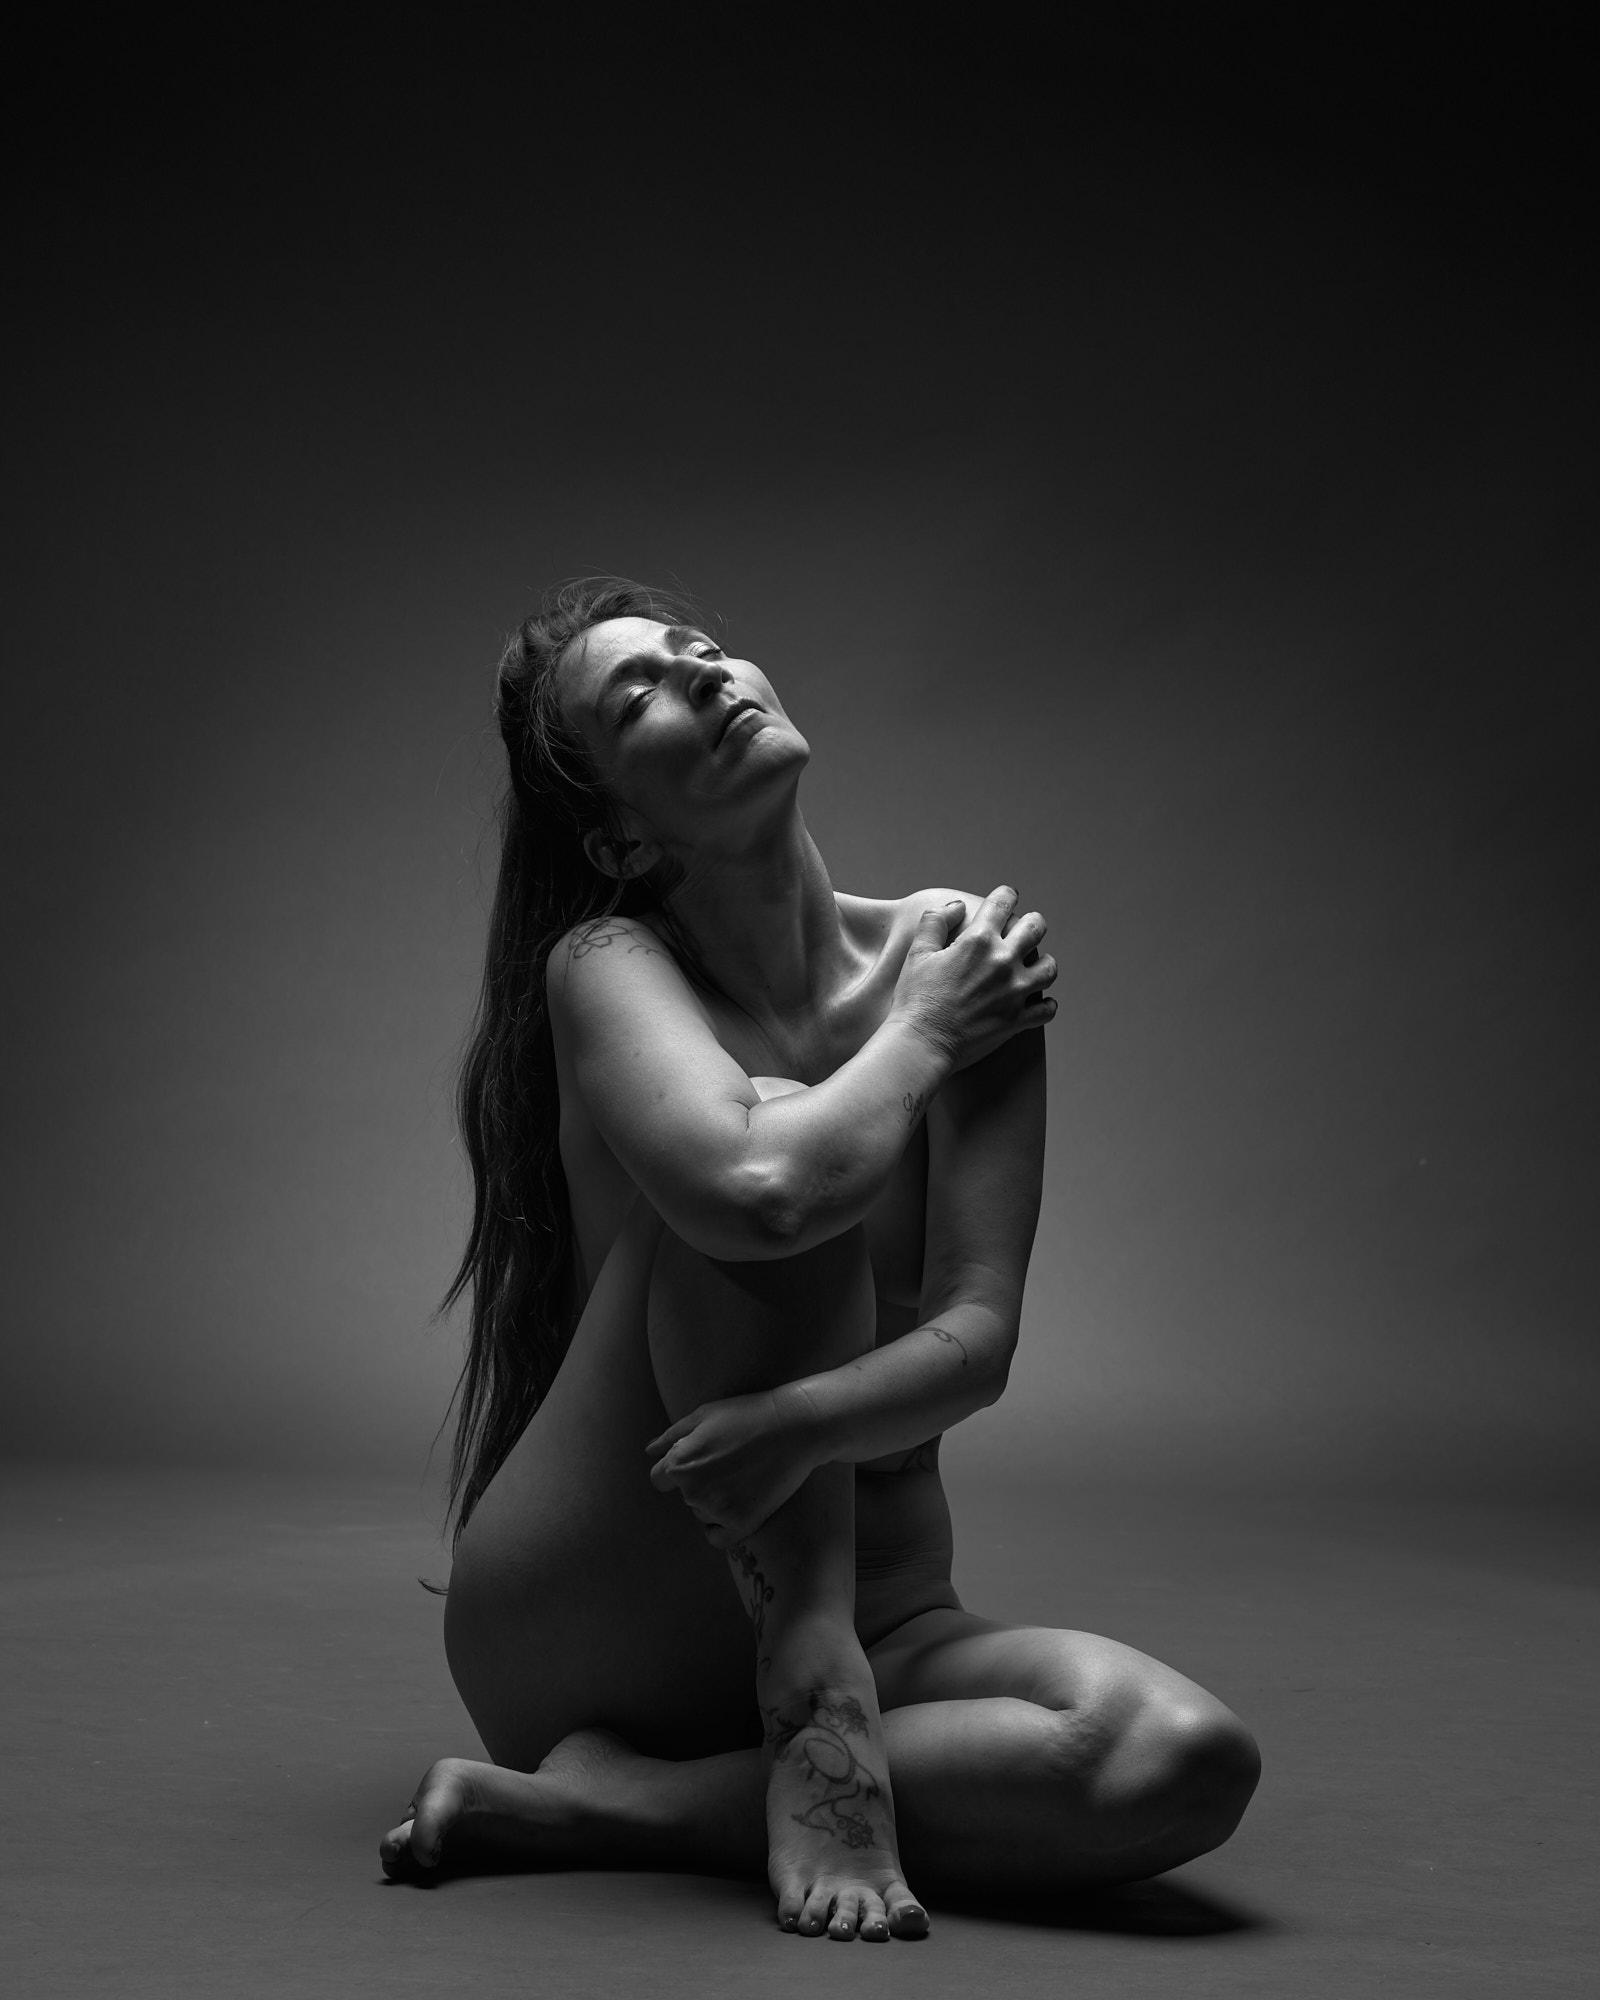 Femme nue assise au sol